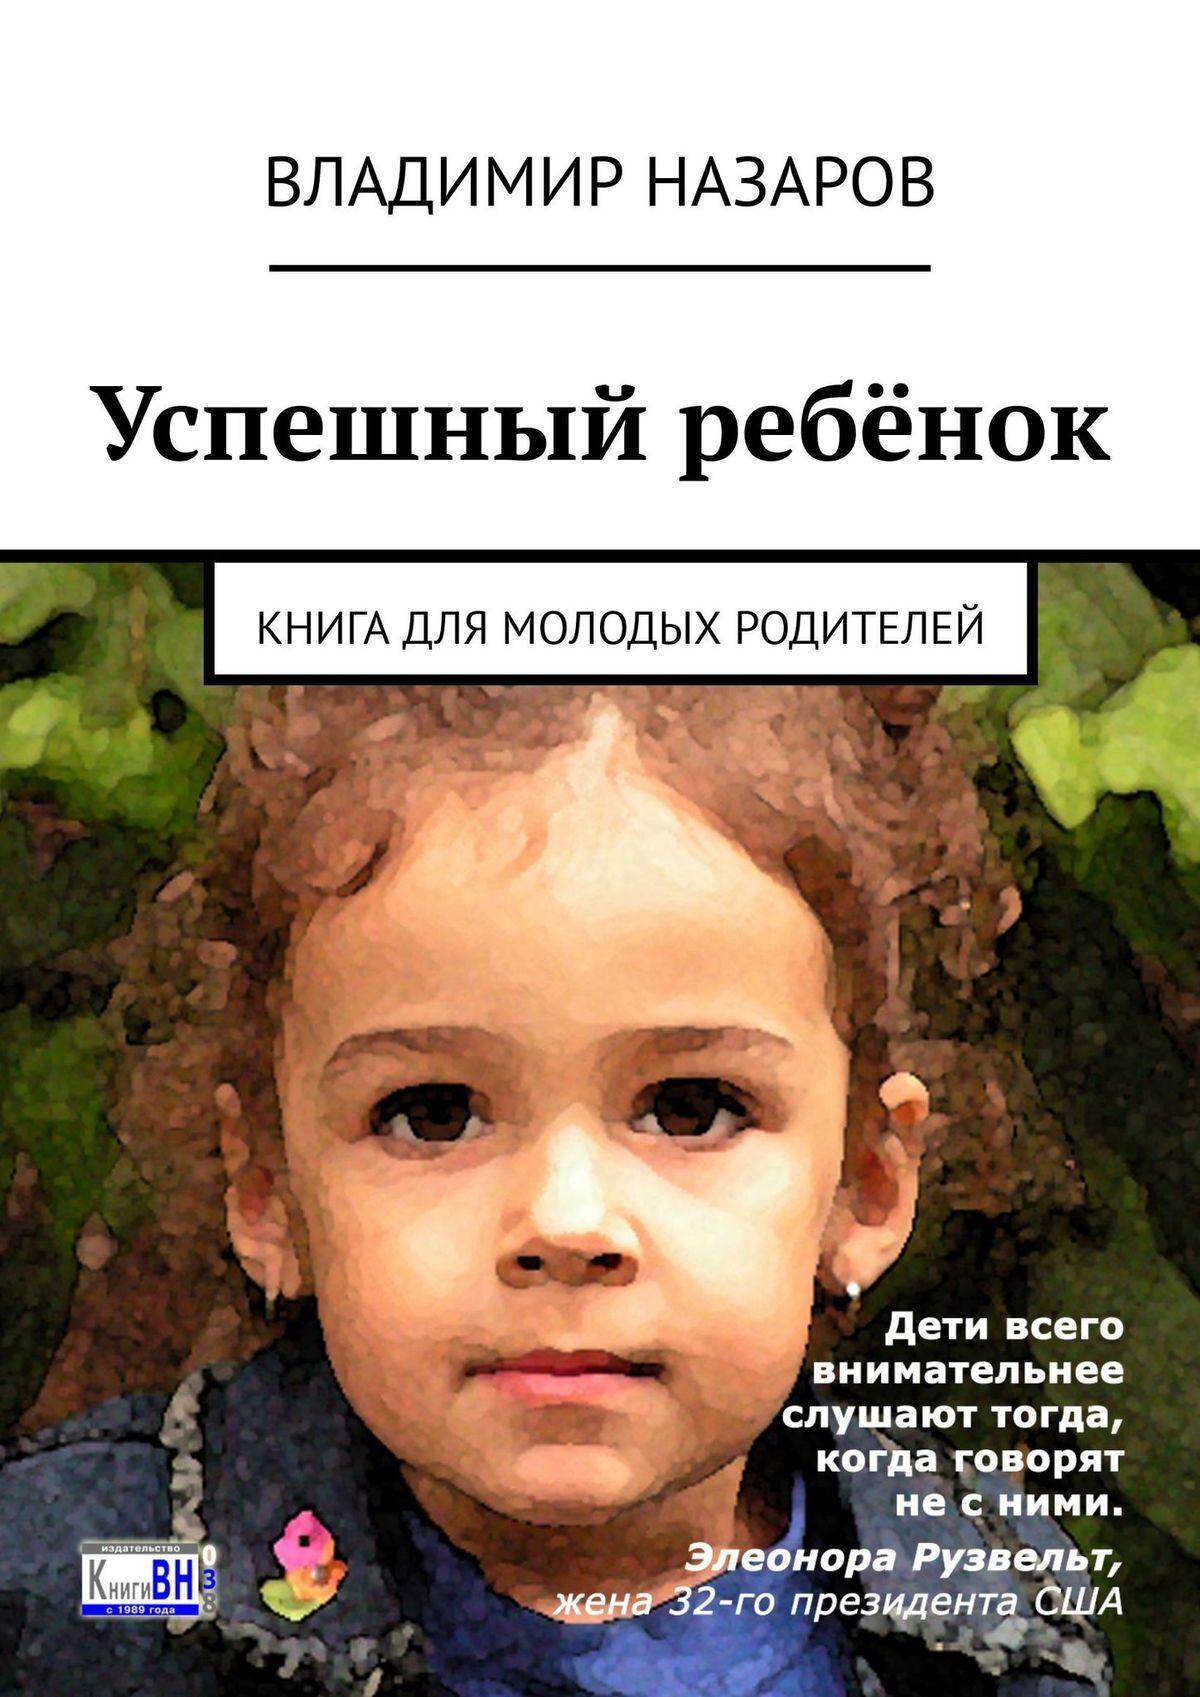 Владимир Владимирович Назаров Успешный ребёнок. Книга для молодых родителей